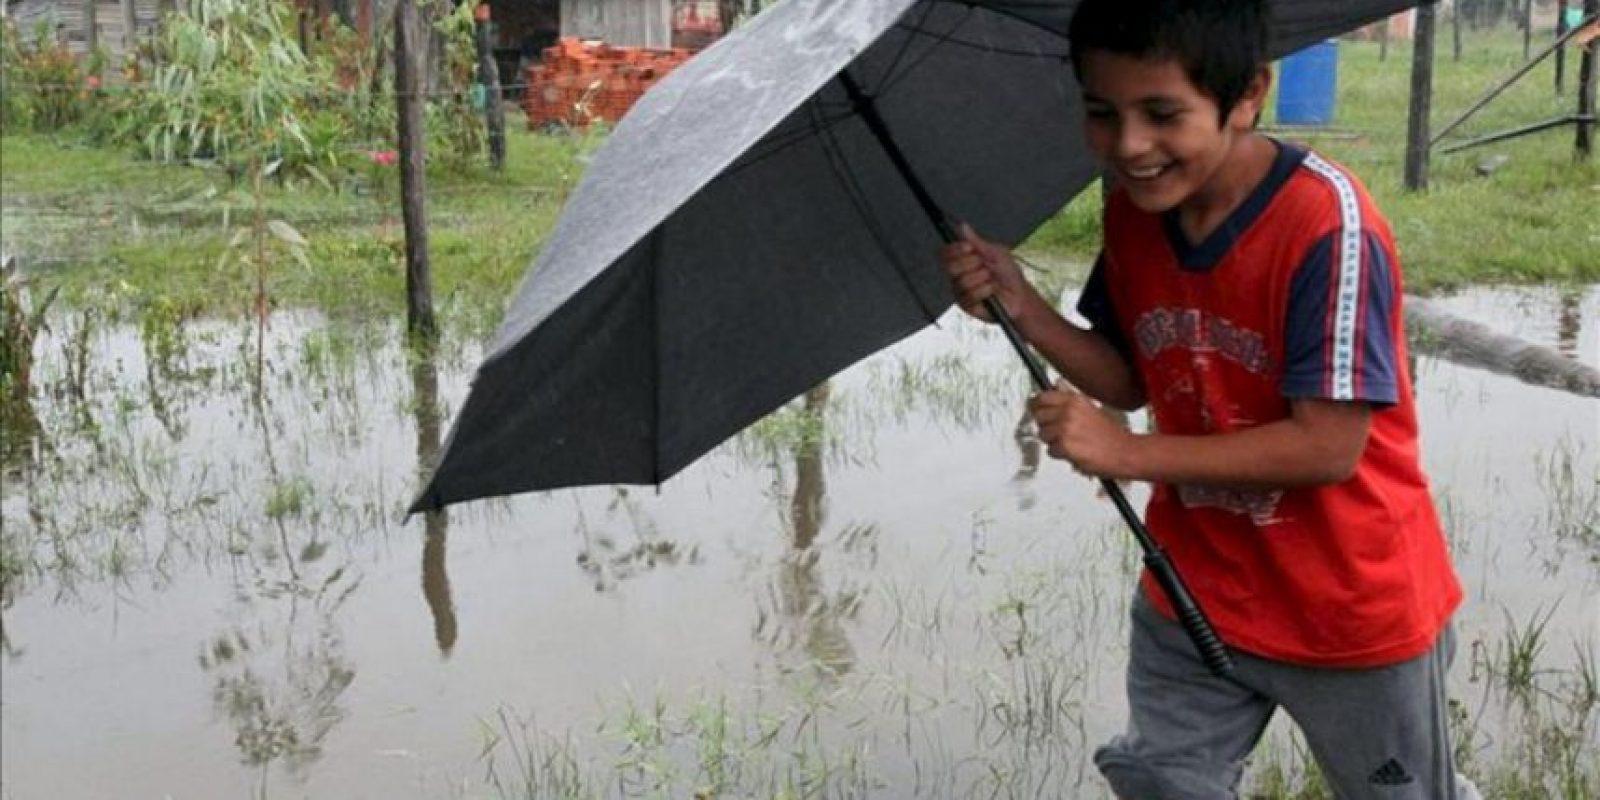 Un joven fue registrado este sábado al caminar por una calle inundada en la localidad de Remansito, a 31 kilómetros de Asunción (Paraguay). EFE